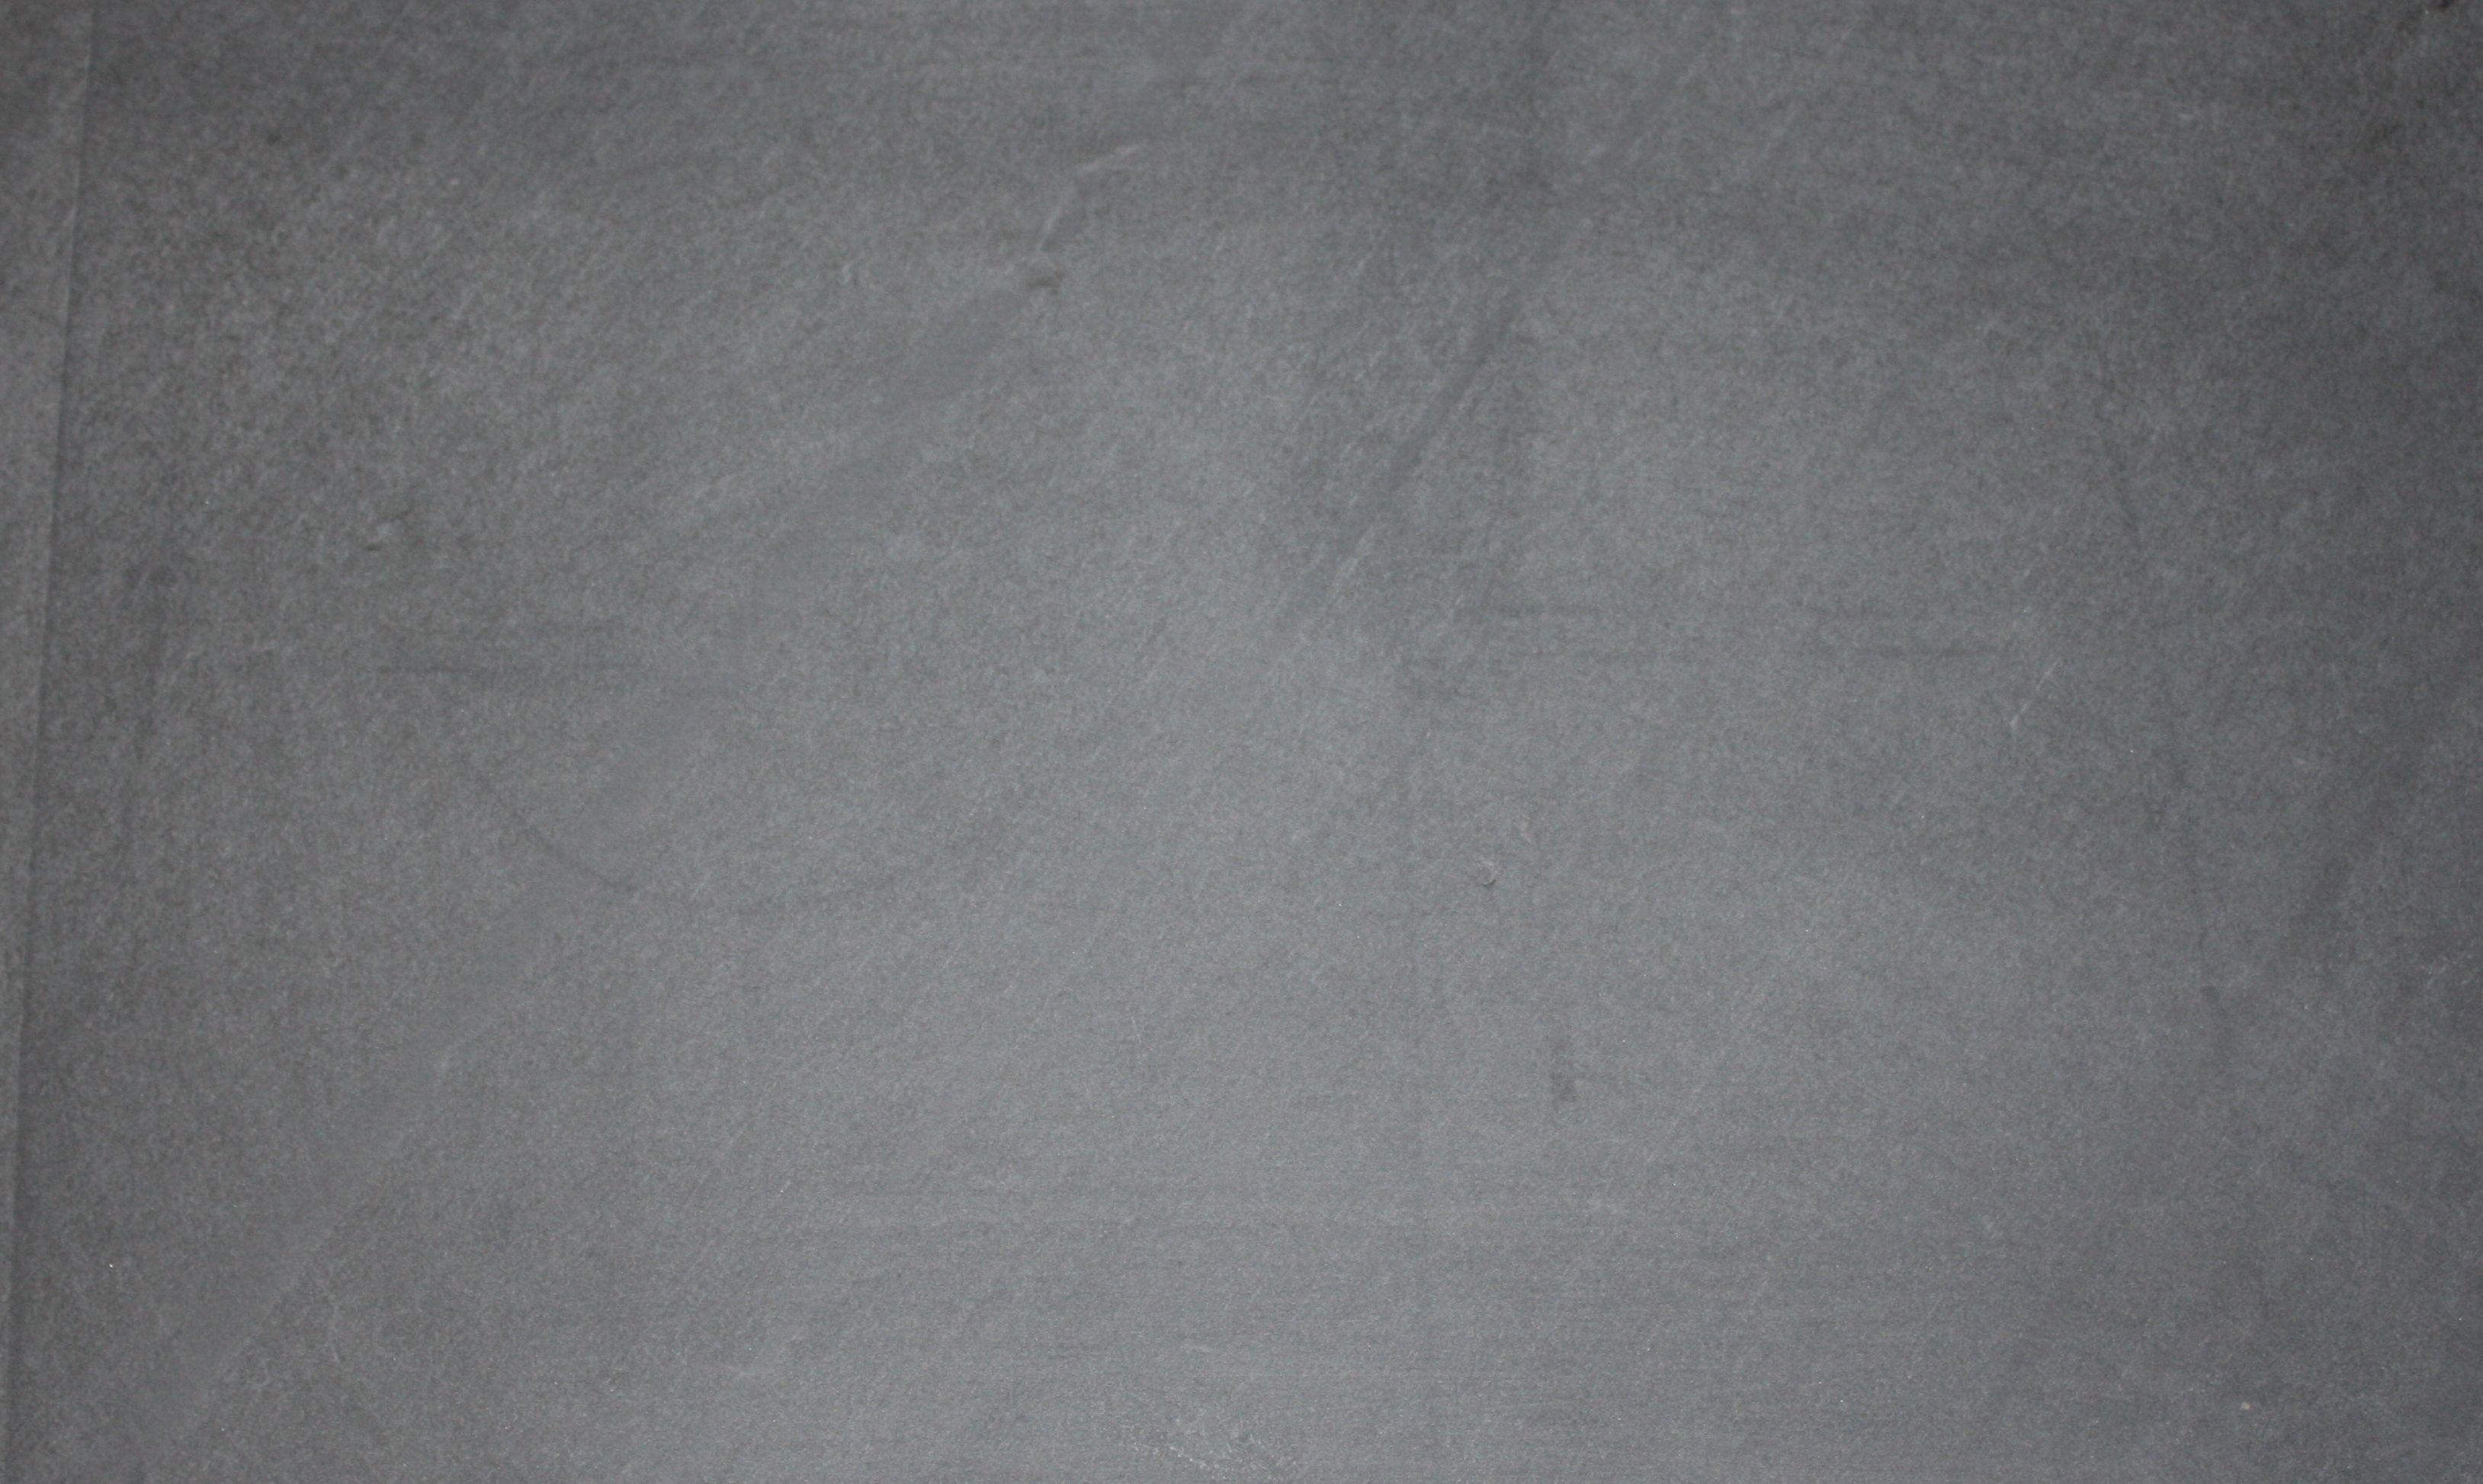 Polished Concrete Texture Design Decor 39866 Decorating Ideas